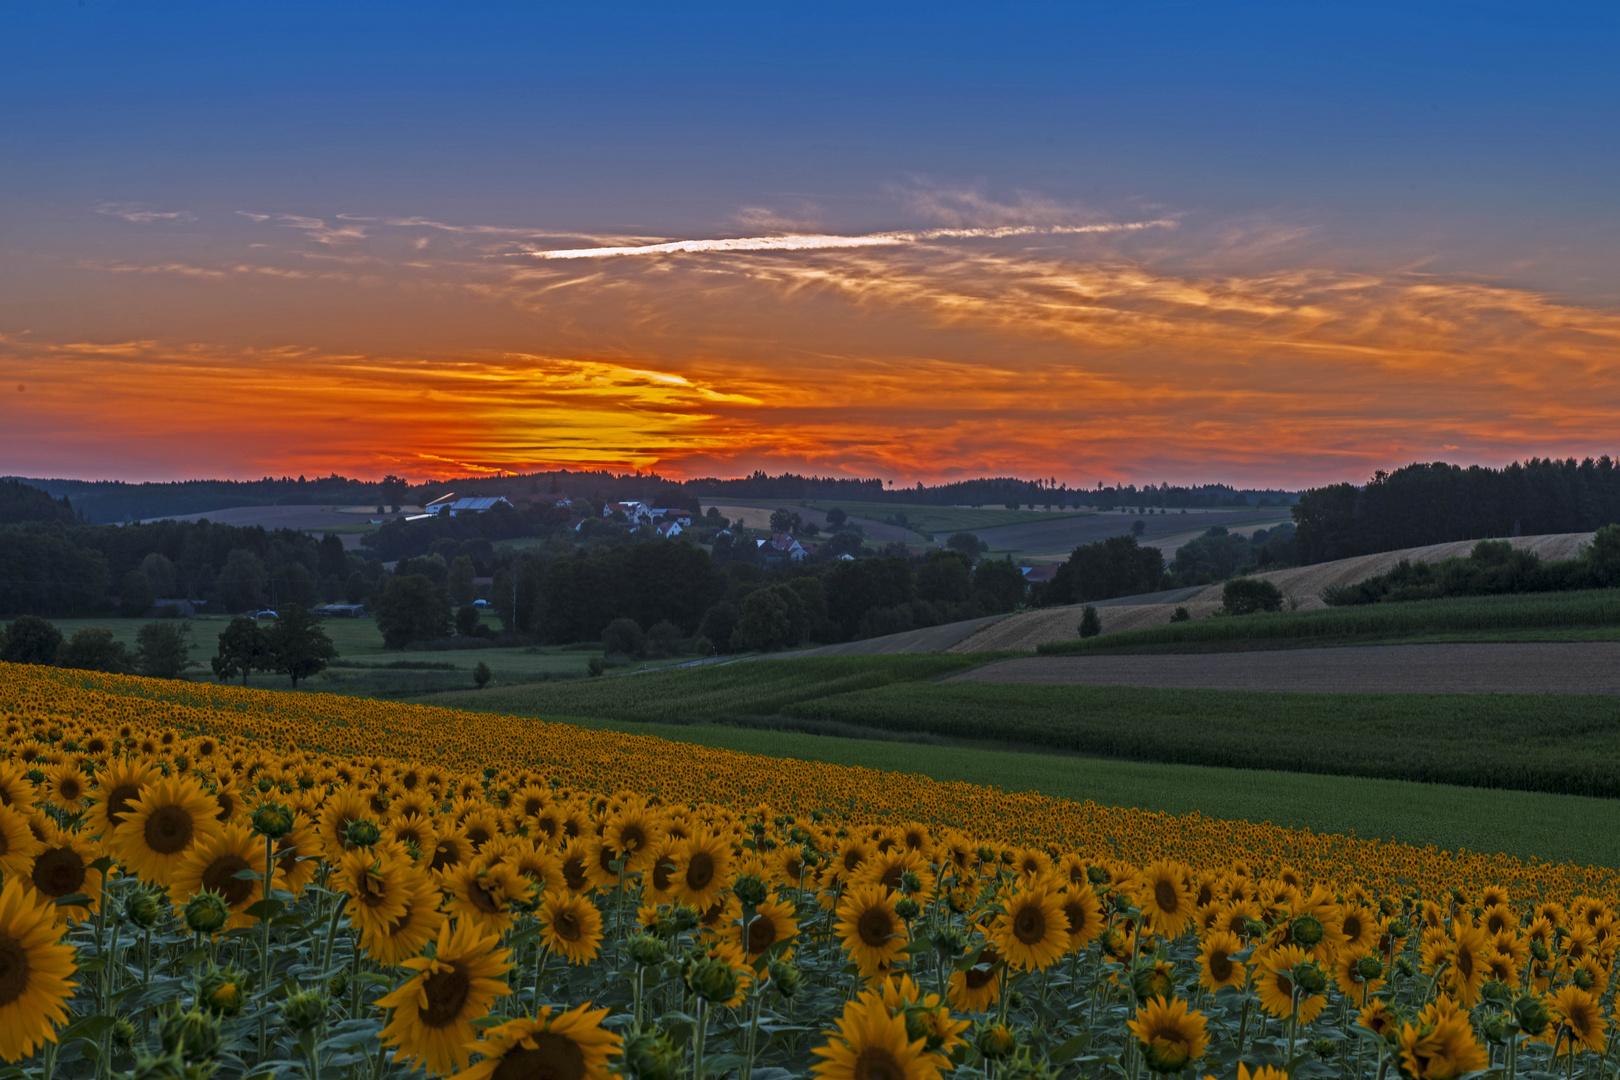 Sonnenuntergang beim Sonnenblumenfeld